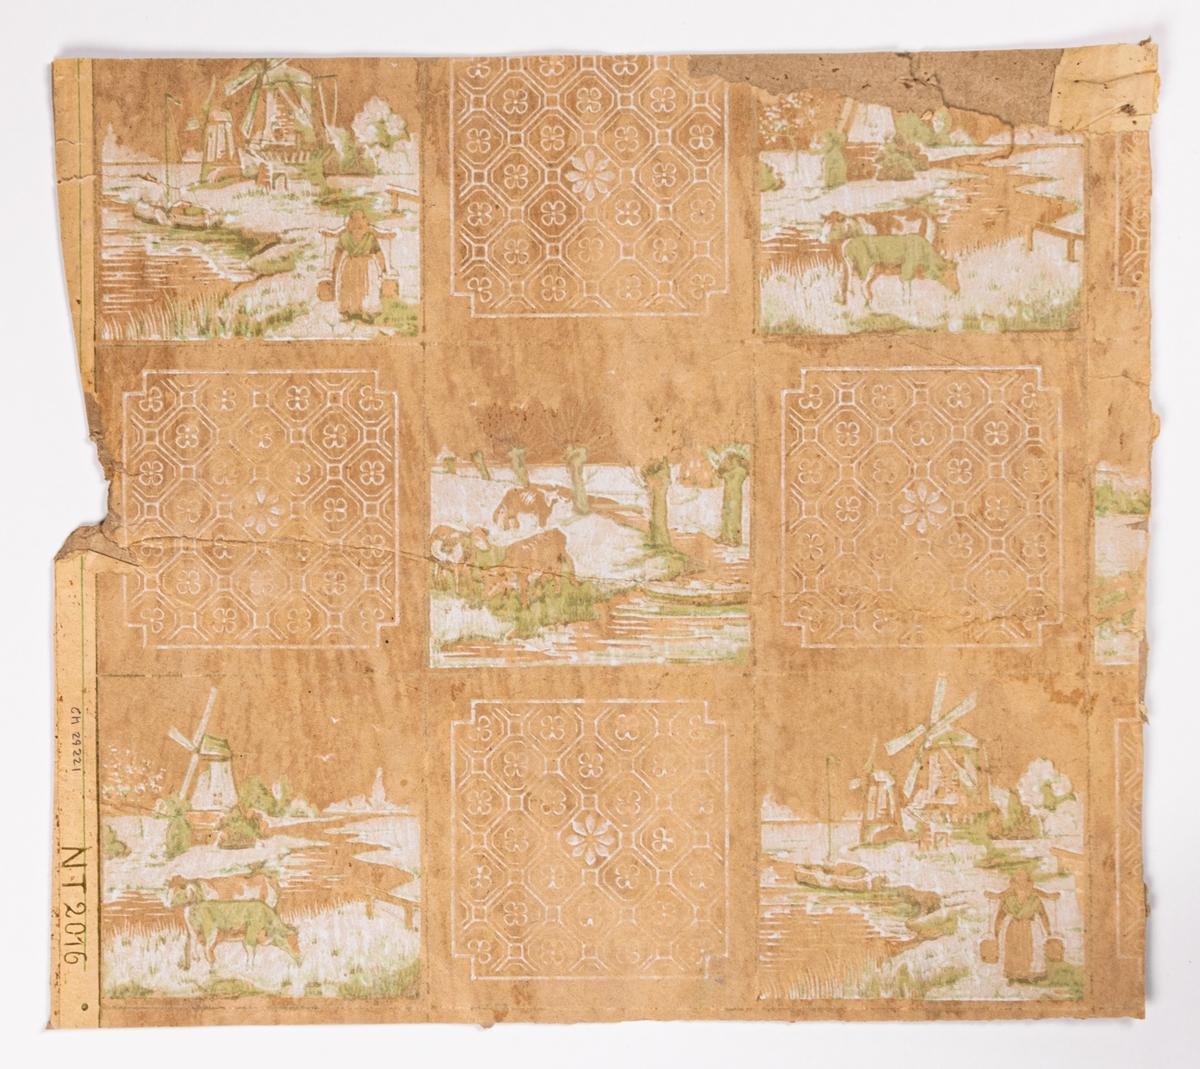 Kakelimiterande mönster bla bestående av landskapsmotiv. Tryck i vitt och ljusgrönt på ett ofärgat papper.